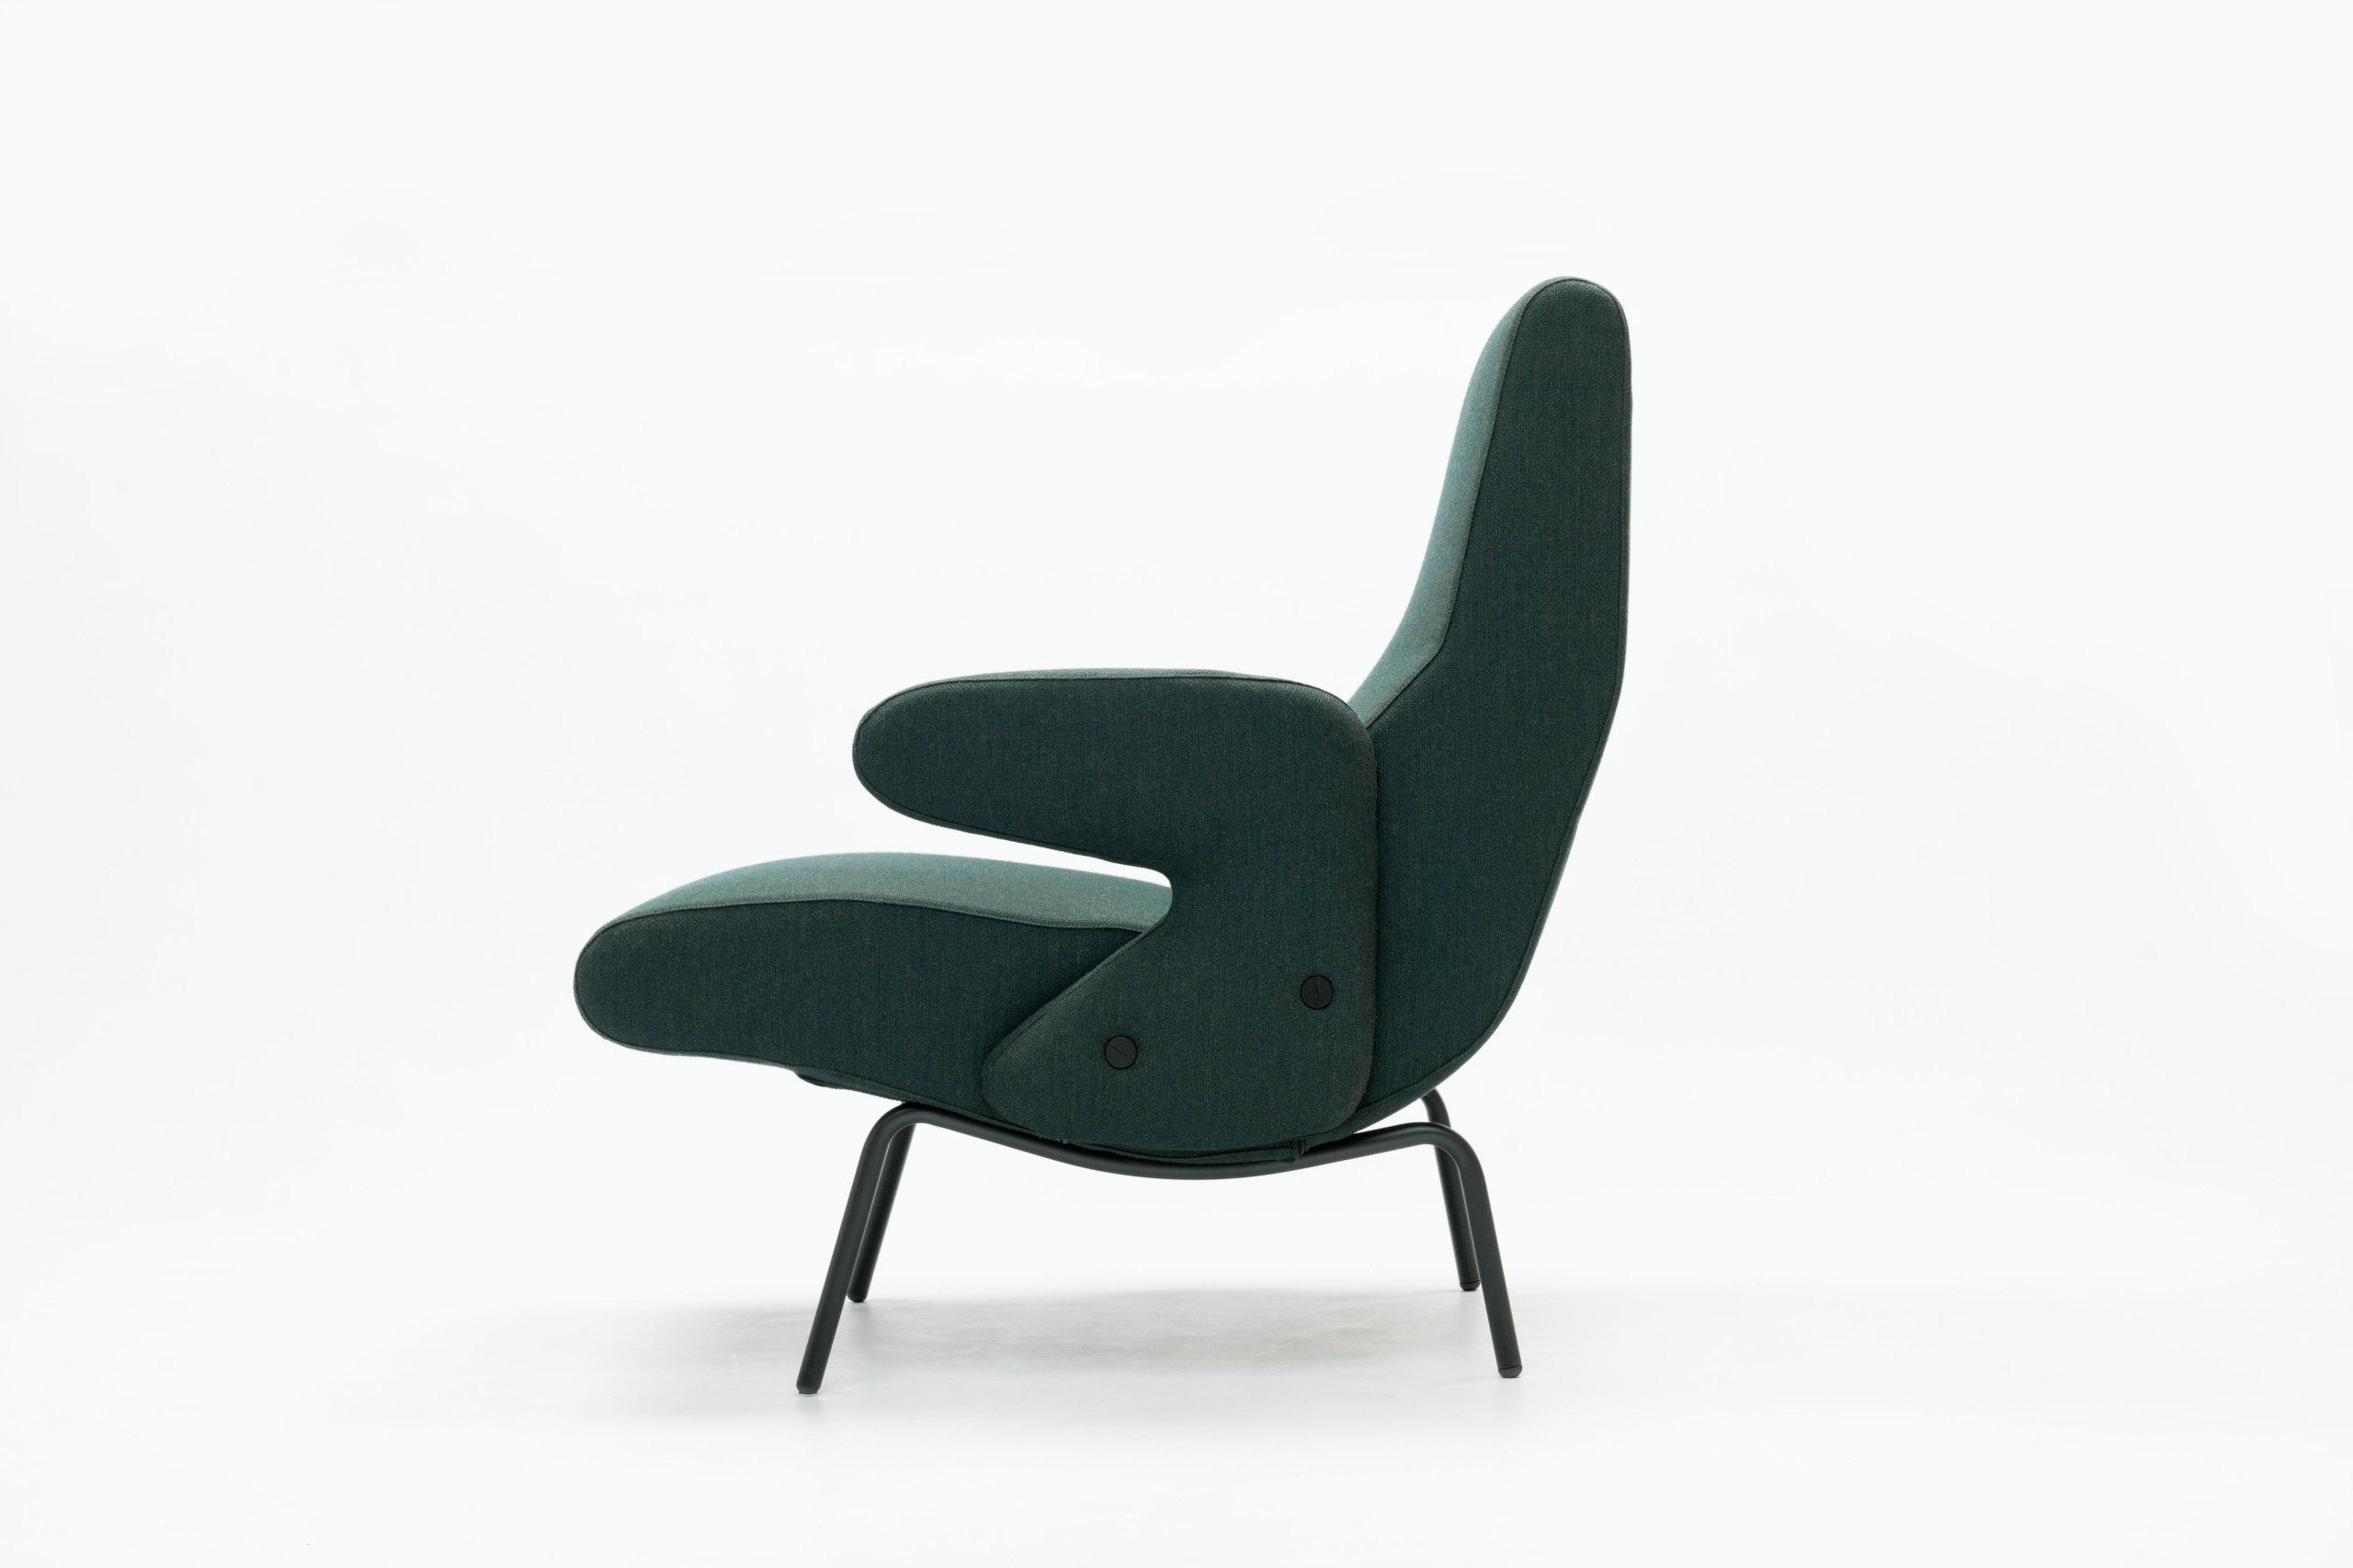 Delfino chair 1954 – Histoire